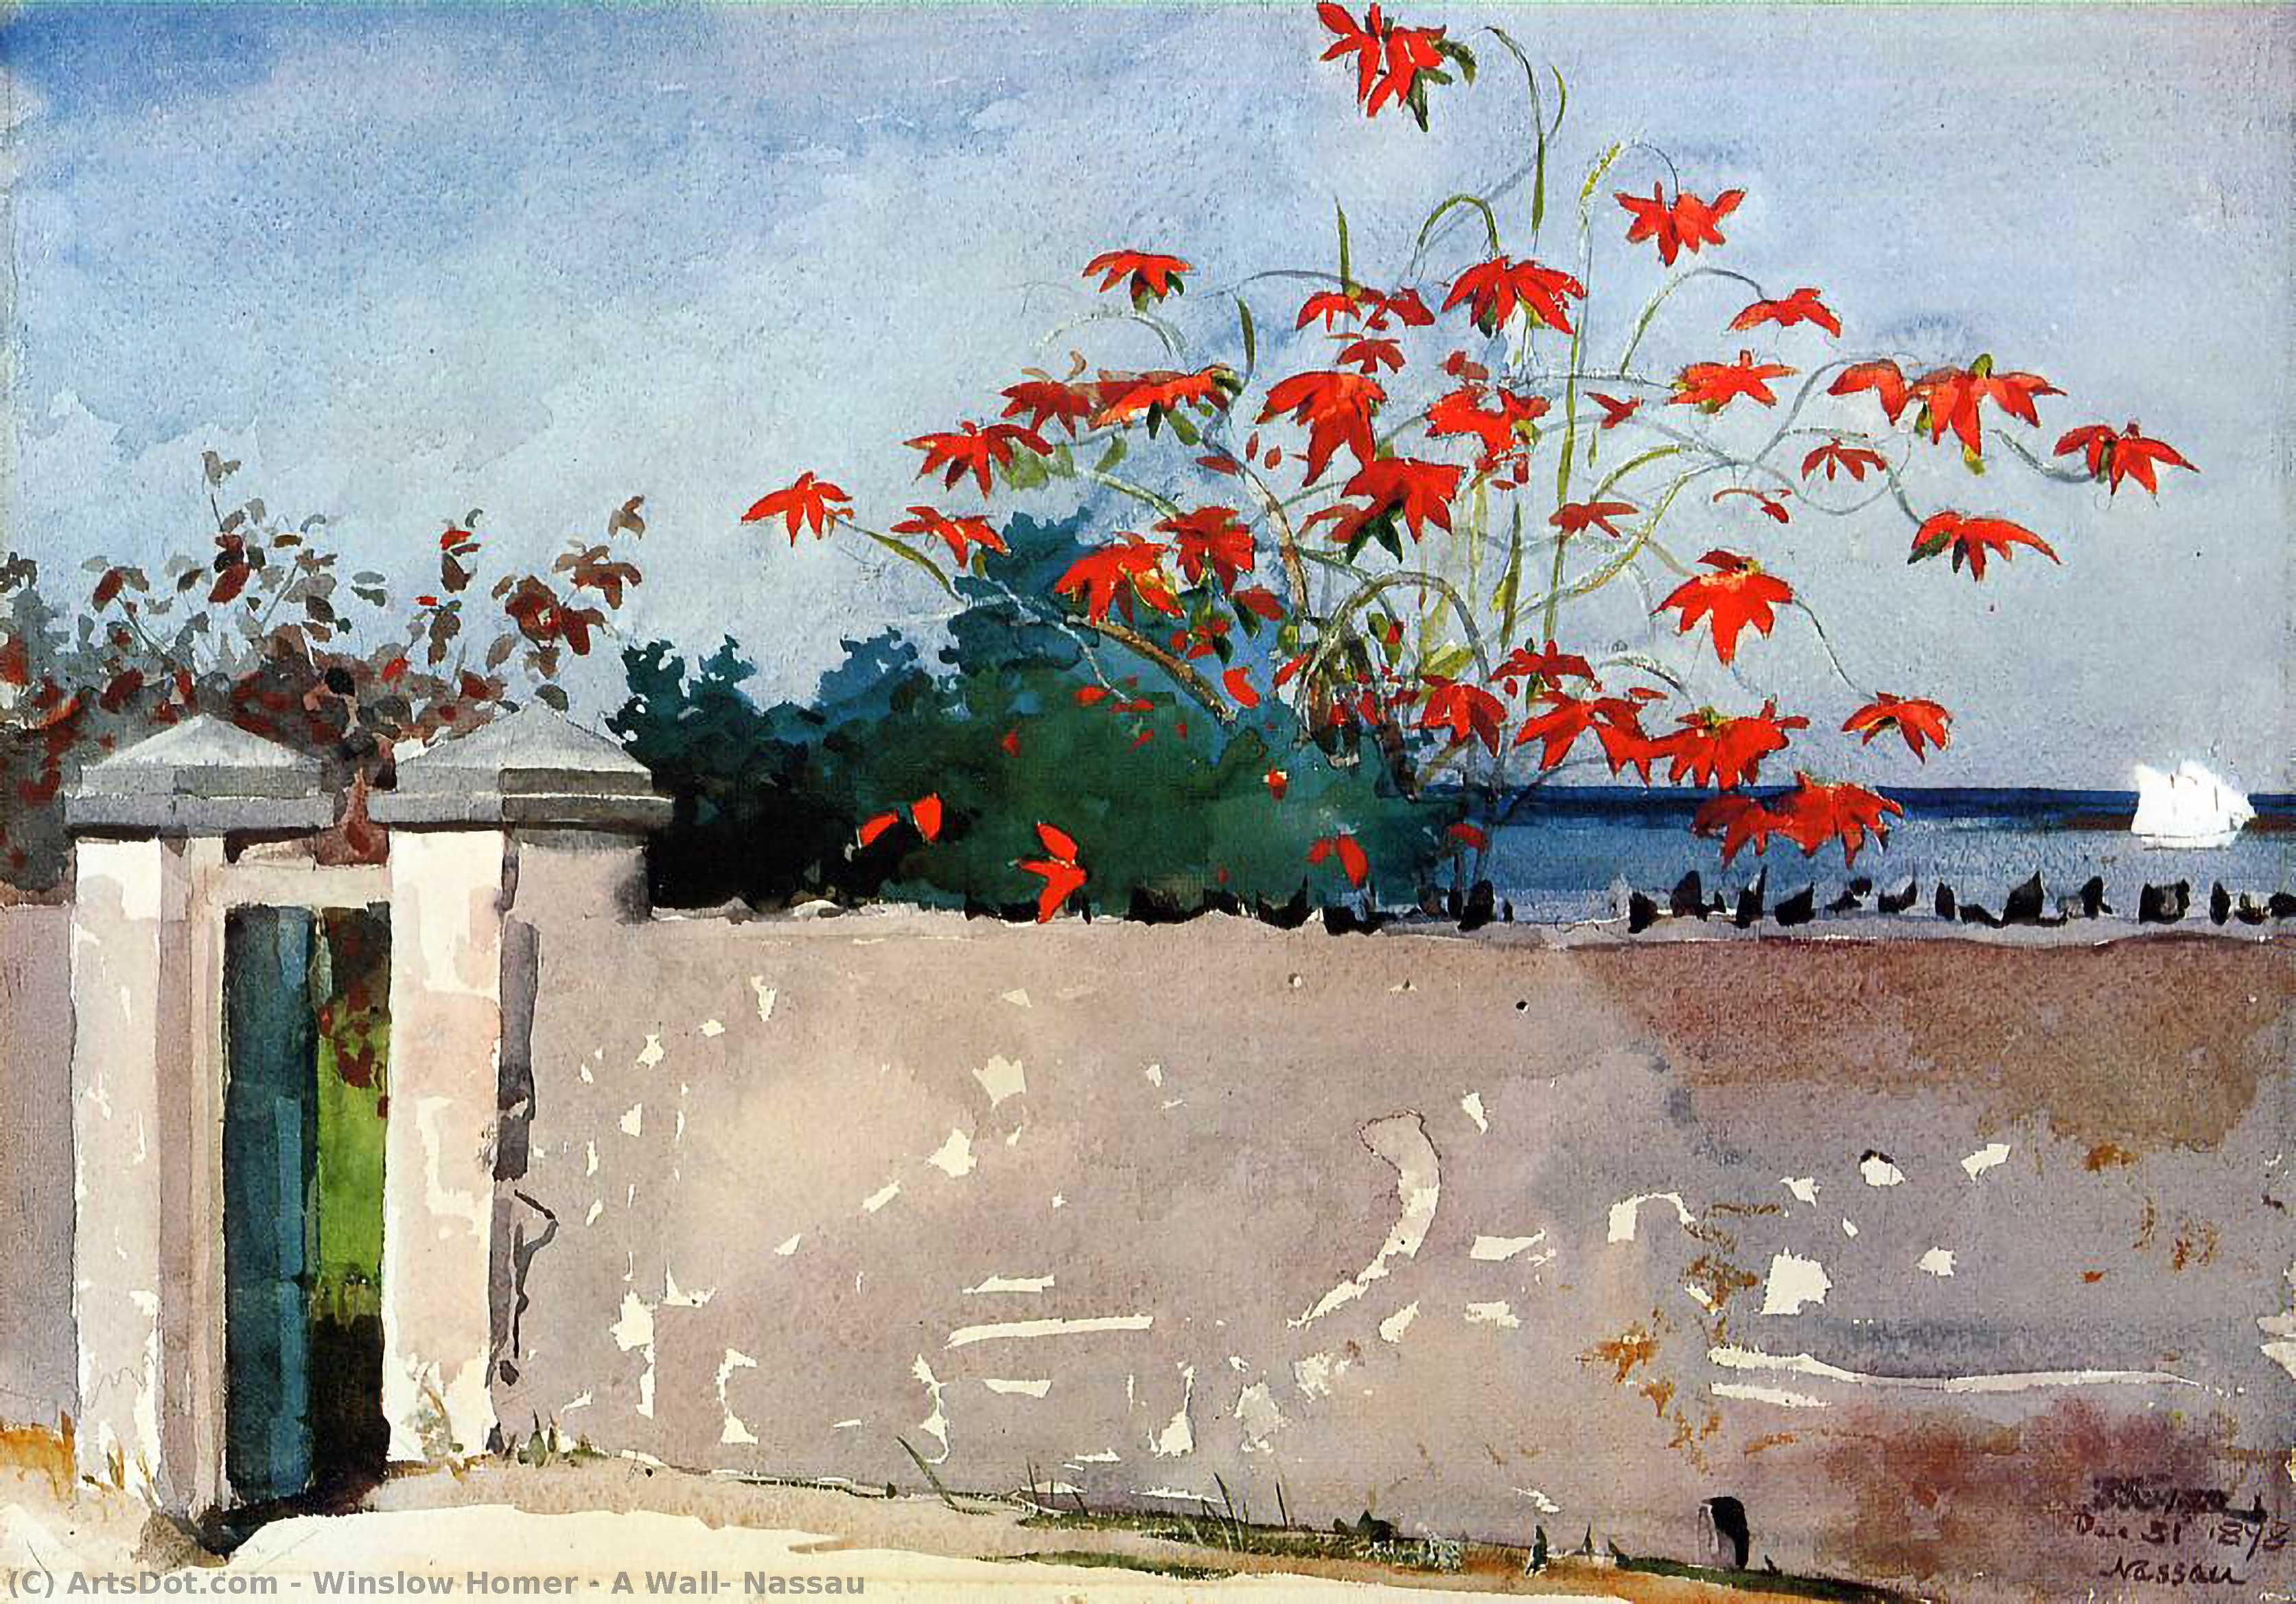 A Wall, Nassau - Winslow Homer